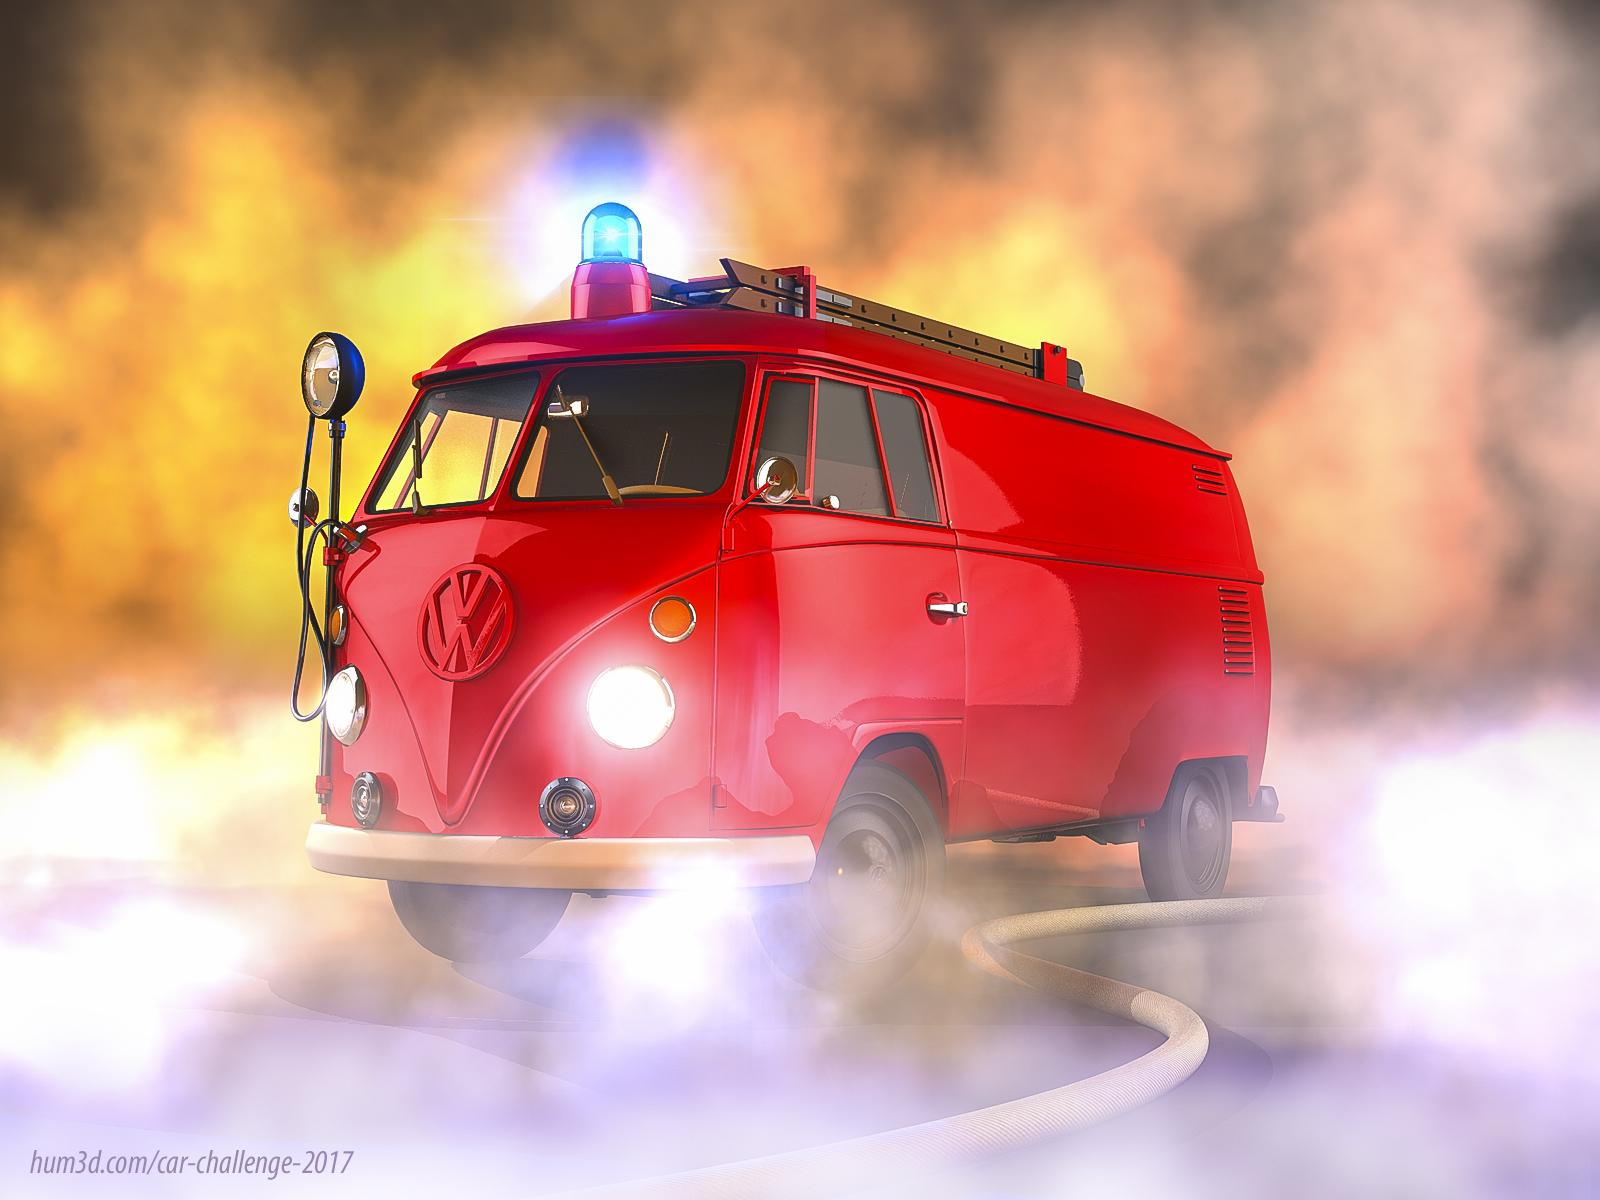 Firebus 3d art